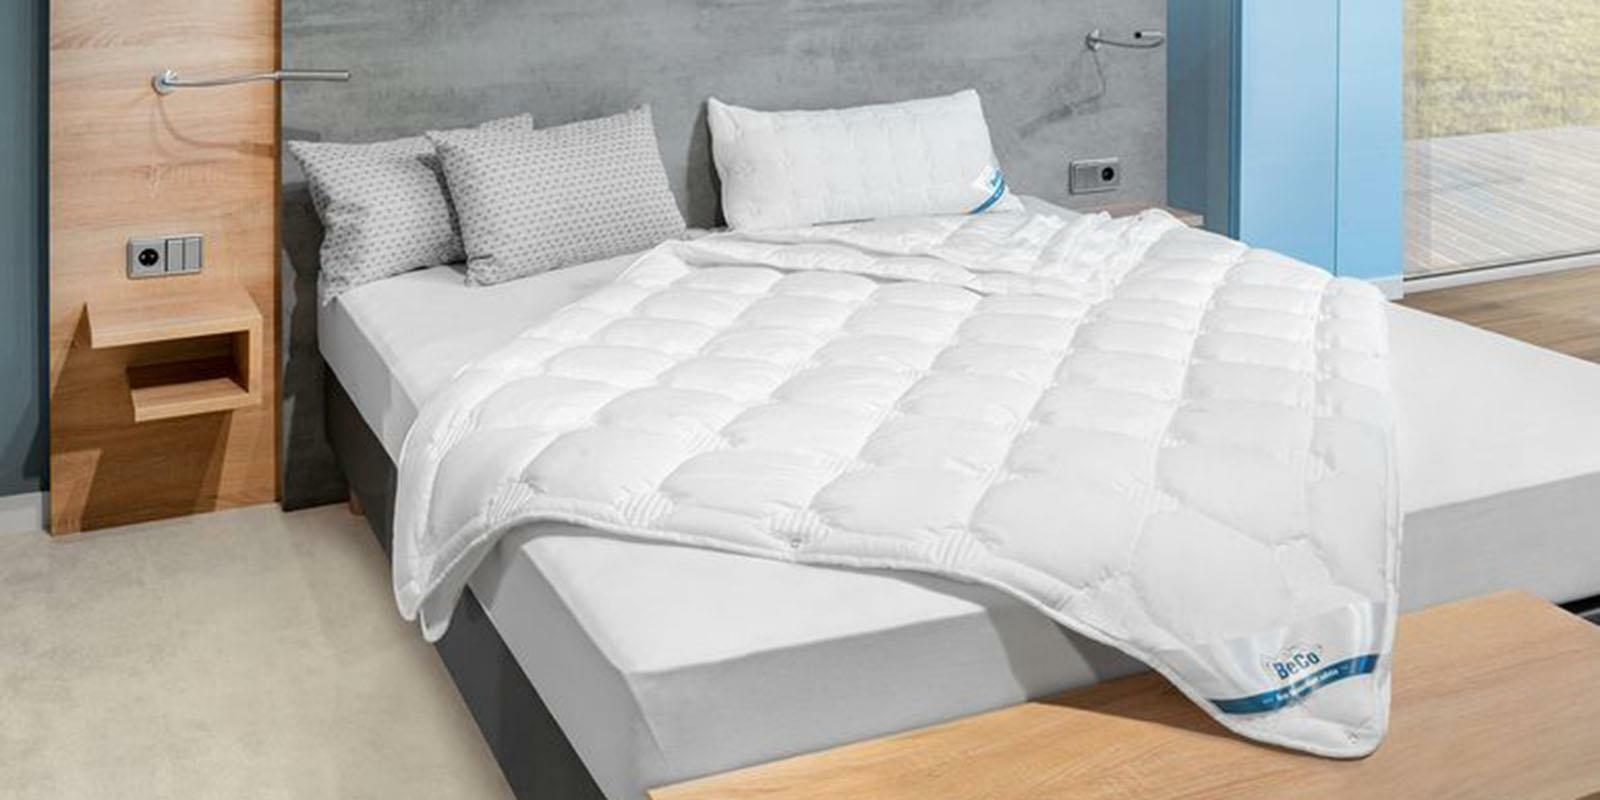 BeCo Vierjahreszeiten-Bettdecke 155 x 220 cm Medibett Cotton Soft Schlafdecke